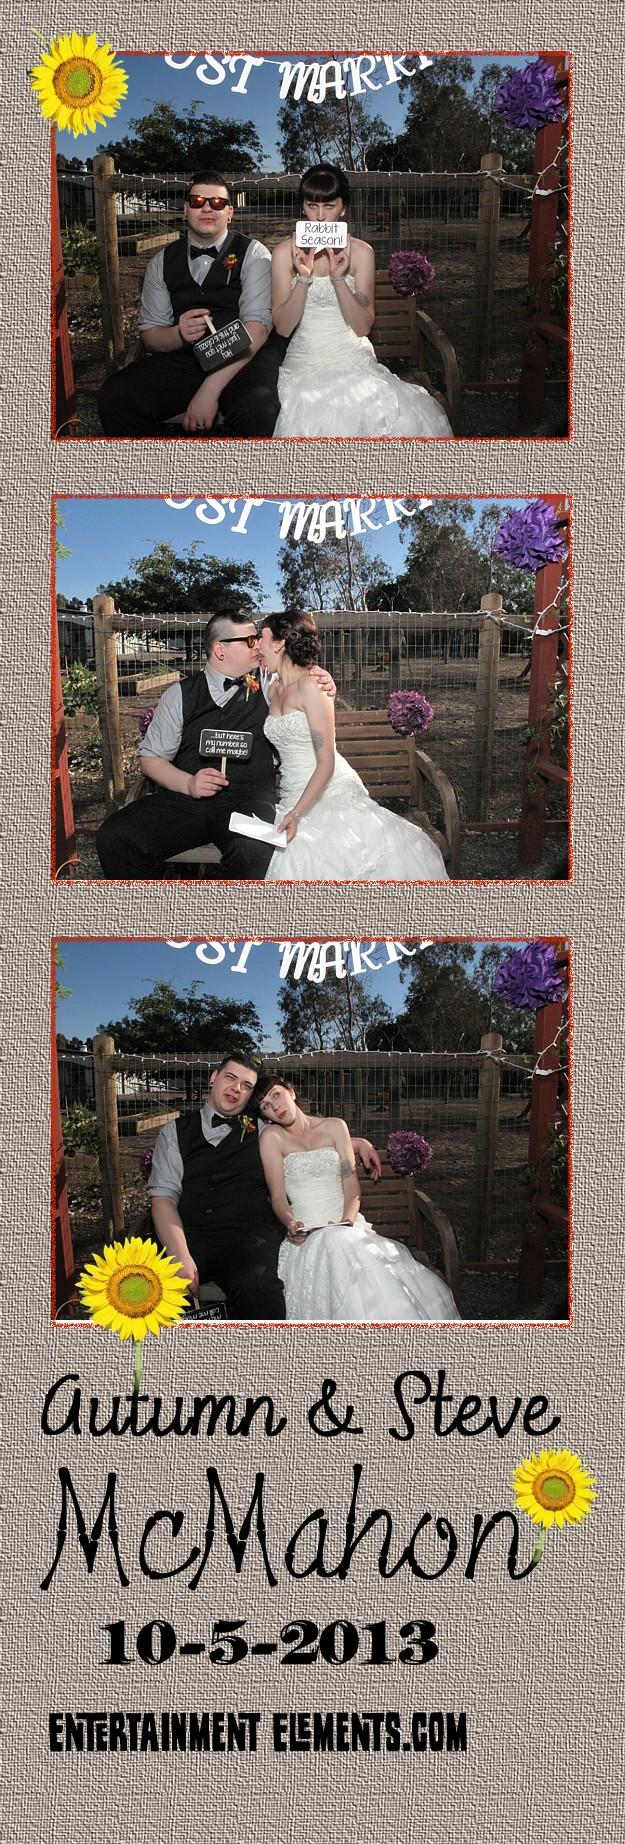 Autumn & Steven's Photo Strips